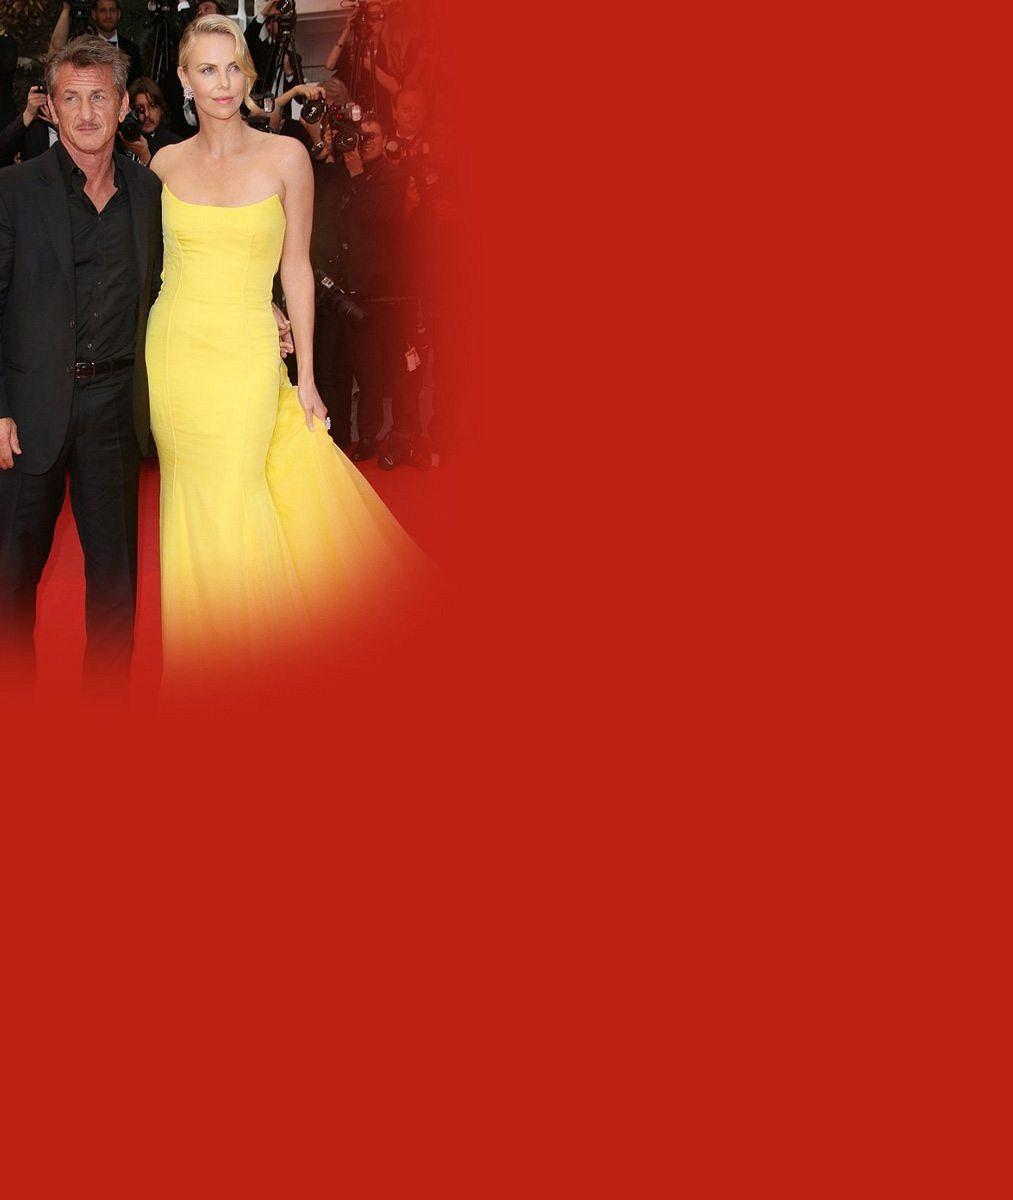 A pohádky je konec: Hollywoodský pár snů nečekaně zrušil zásnuby